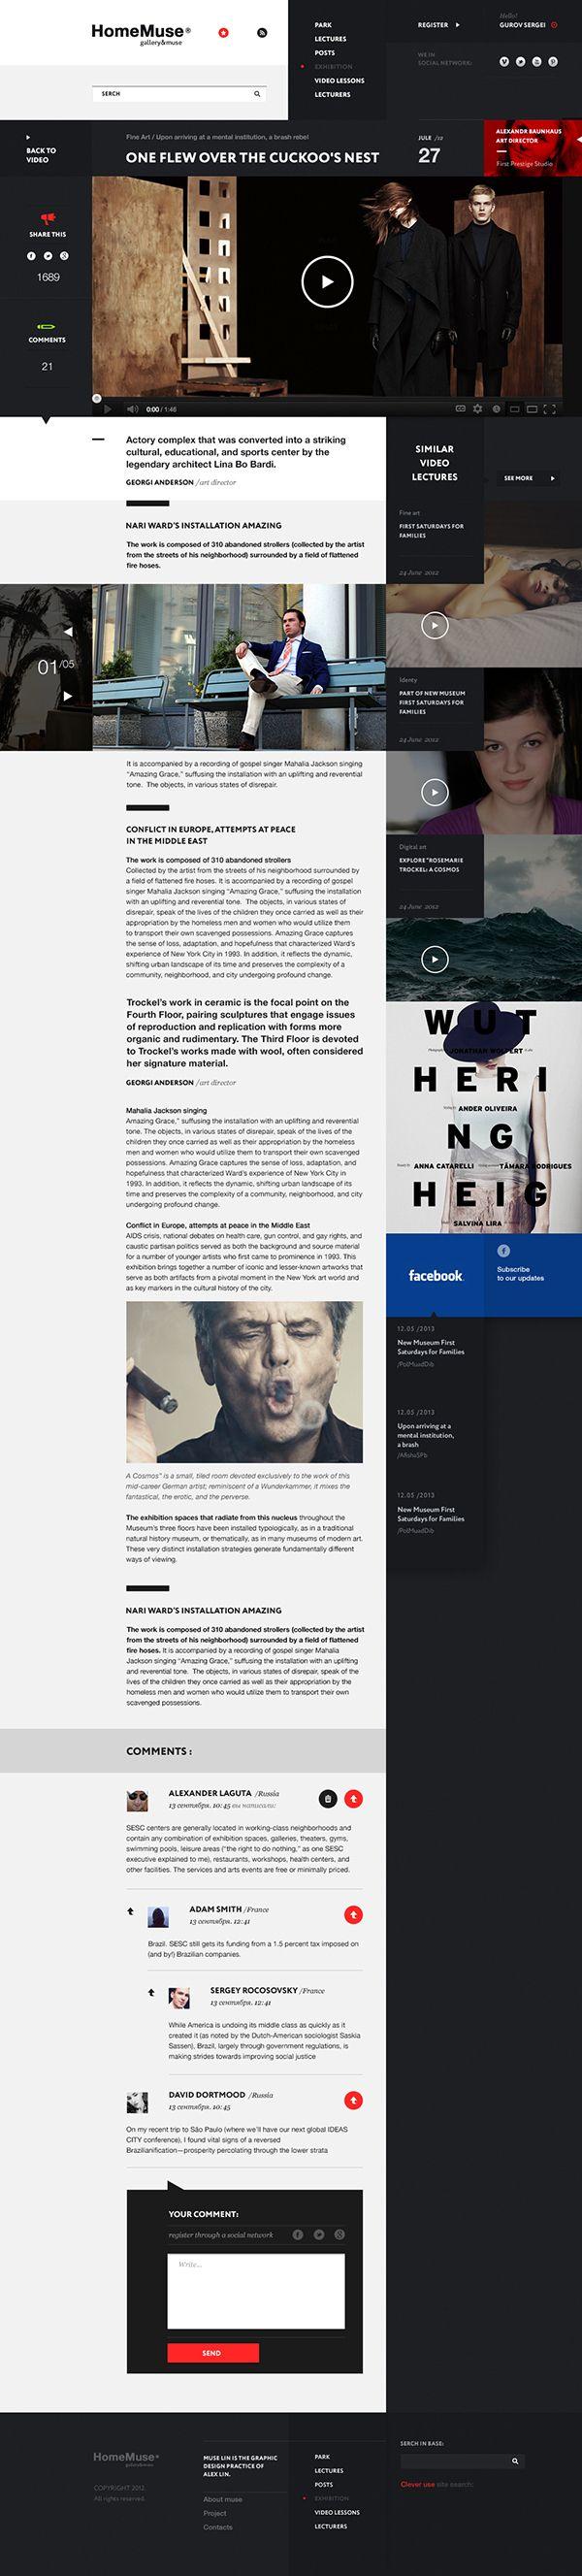 web design HomeMuse Gallery on Behance